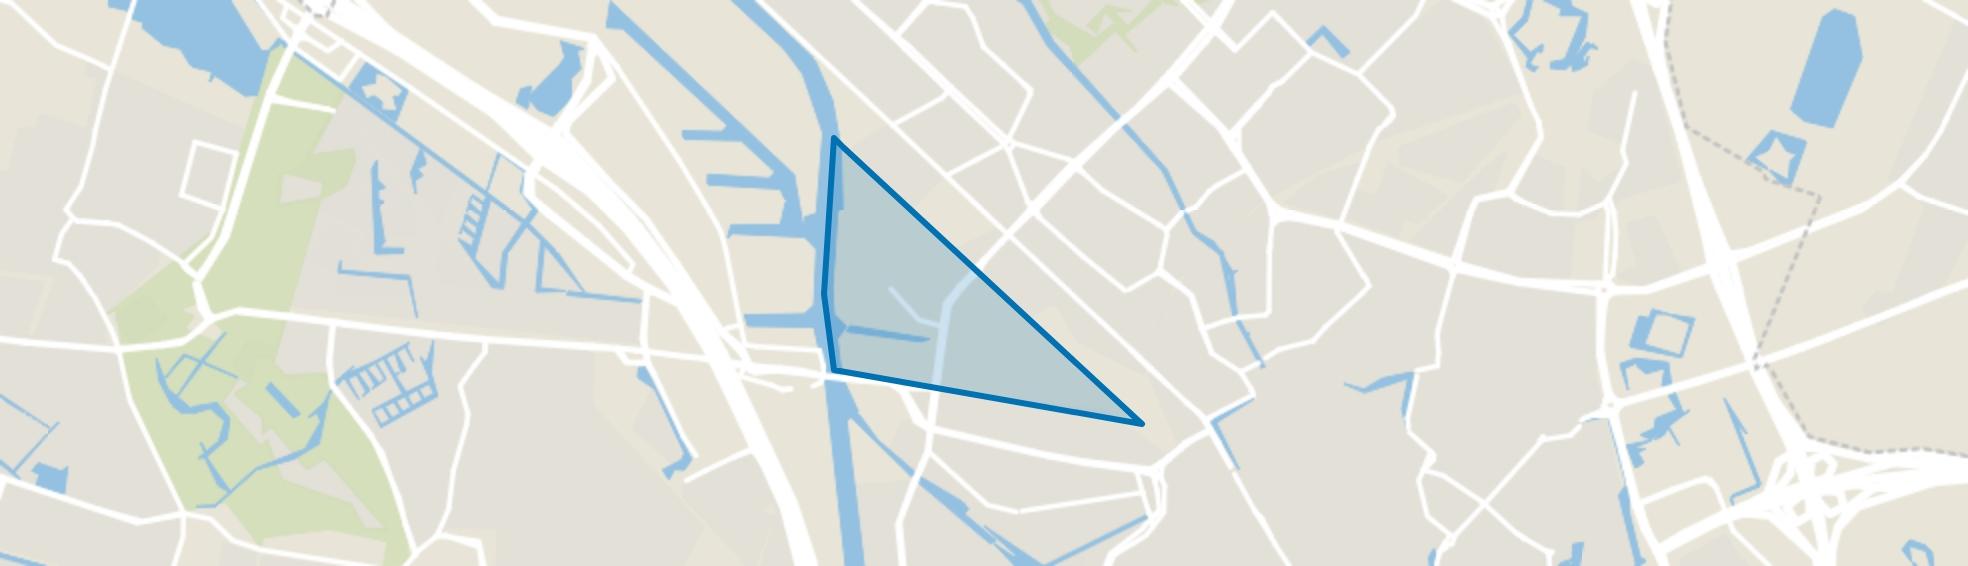 Schepenbuurt, Cartesiusweg e.o., Utrecht map